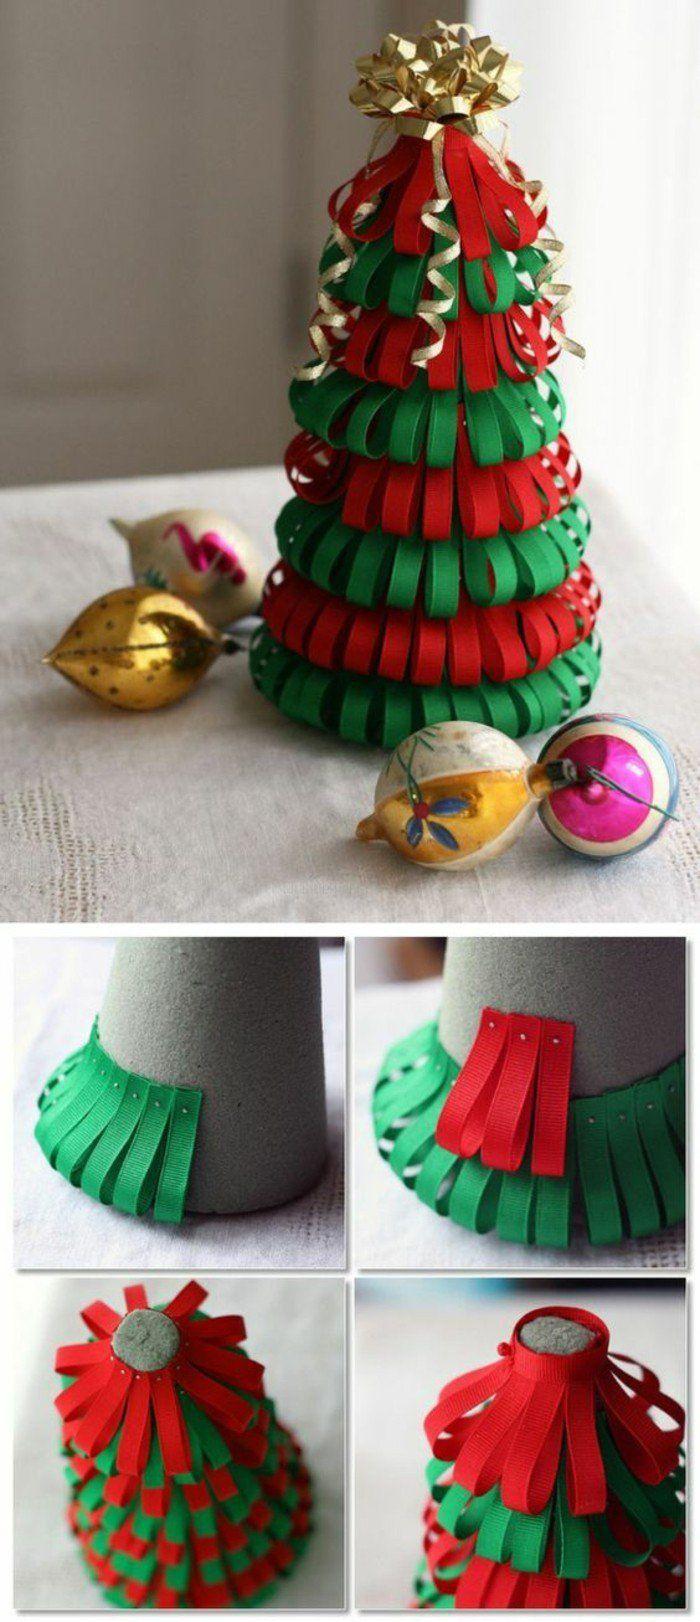 Hochwertig 13 Weihnachtendekoration Selber Machen Weihnachtsdeko Selber Machen  Weihnachtsbaum Aus Papier Selber Basteln #homeimprovementBrighouse